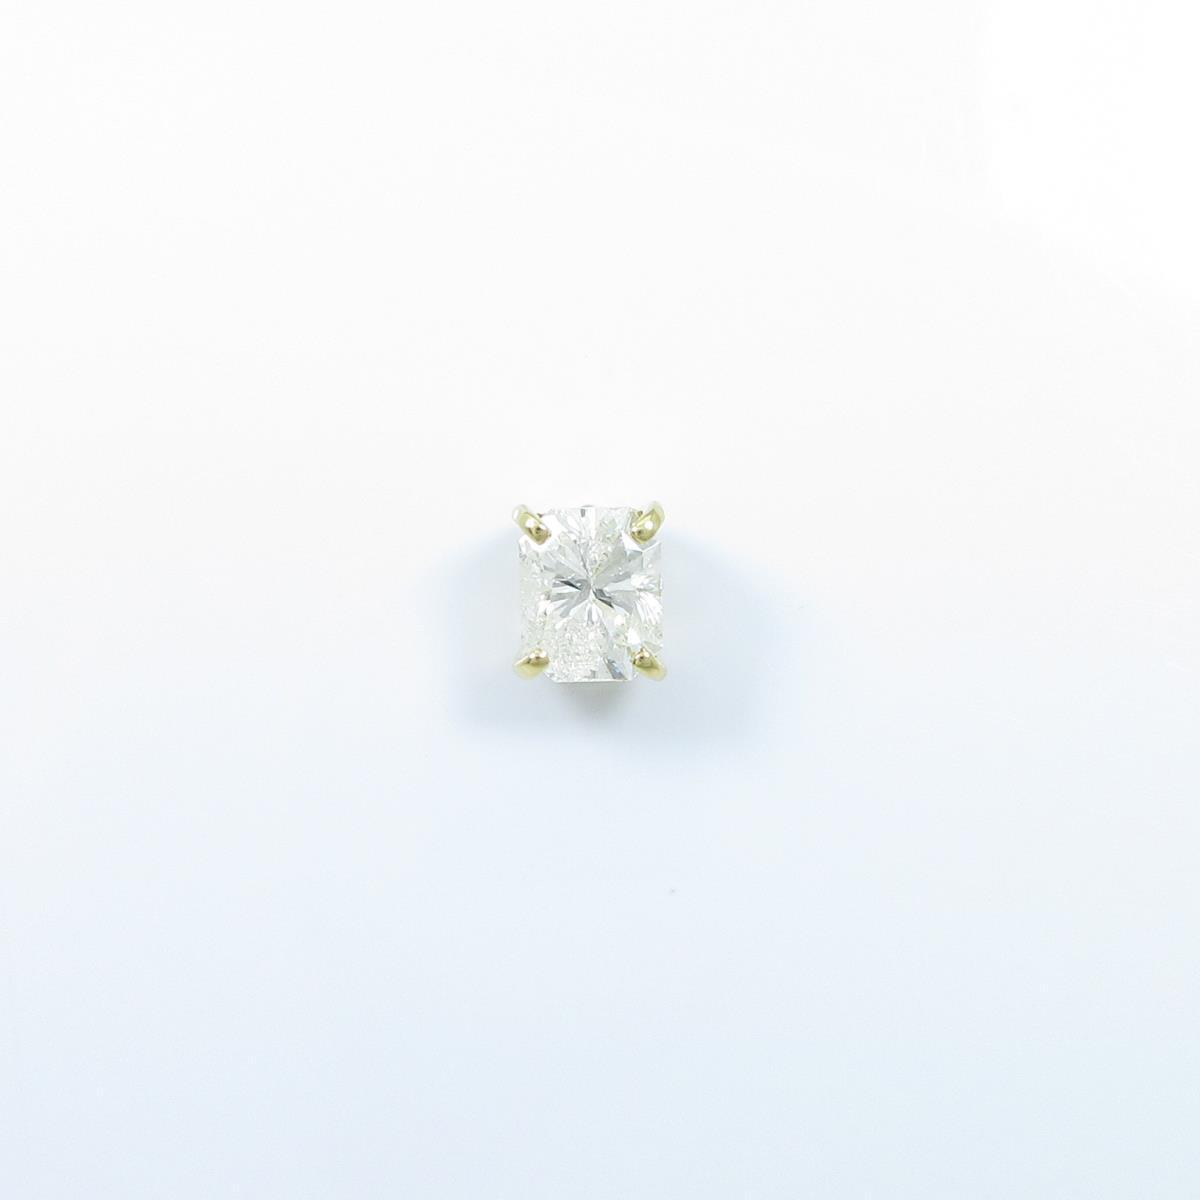 【リメイク】K18YG/ST ダイヤモンドピアス 1.012ct・J・I1・ファンシーカット 片耳【中古】